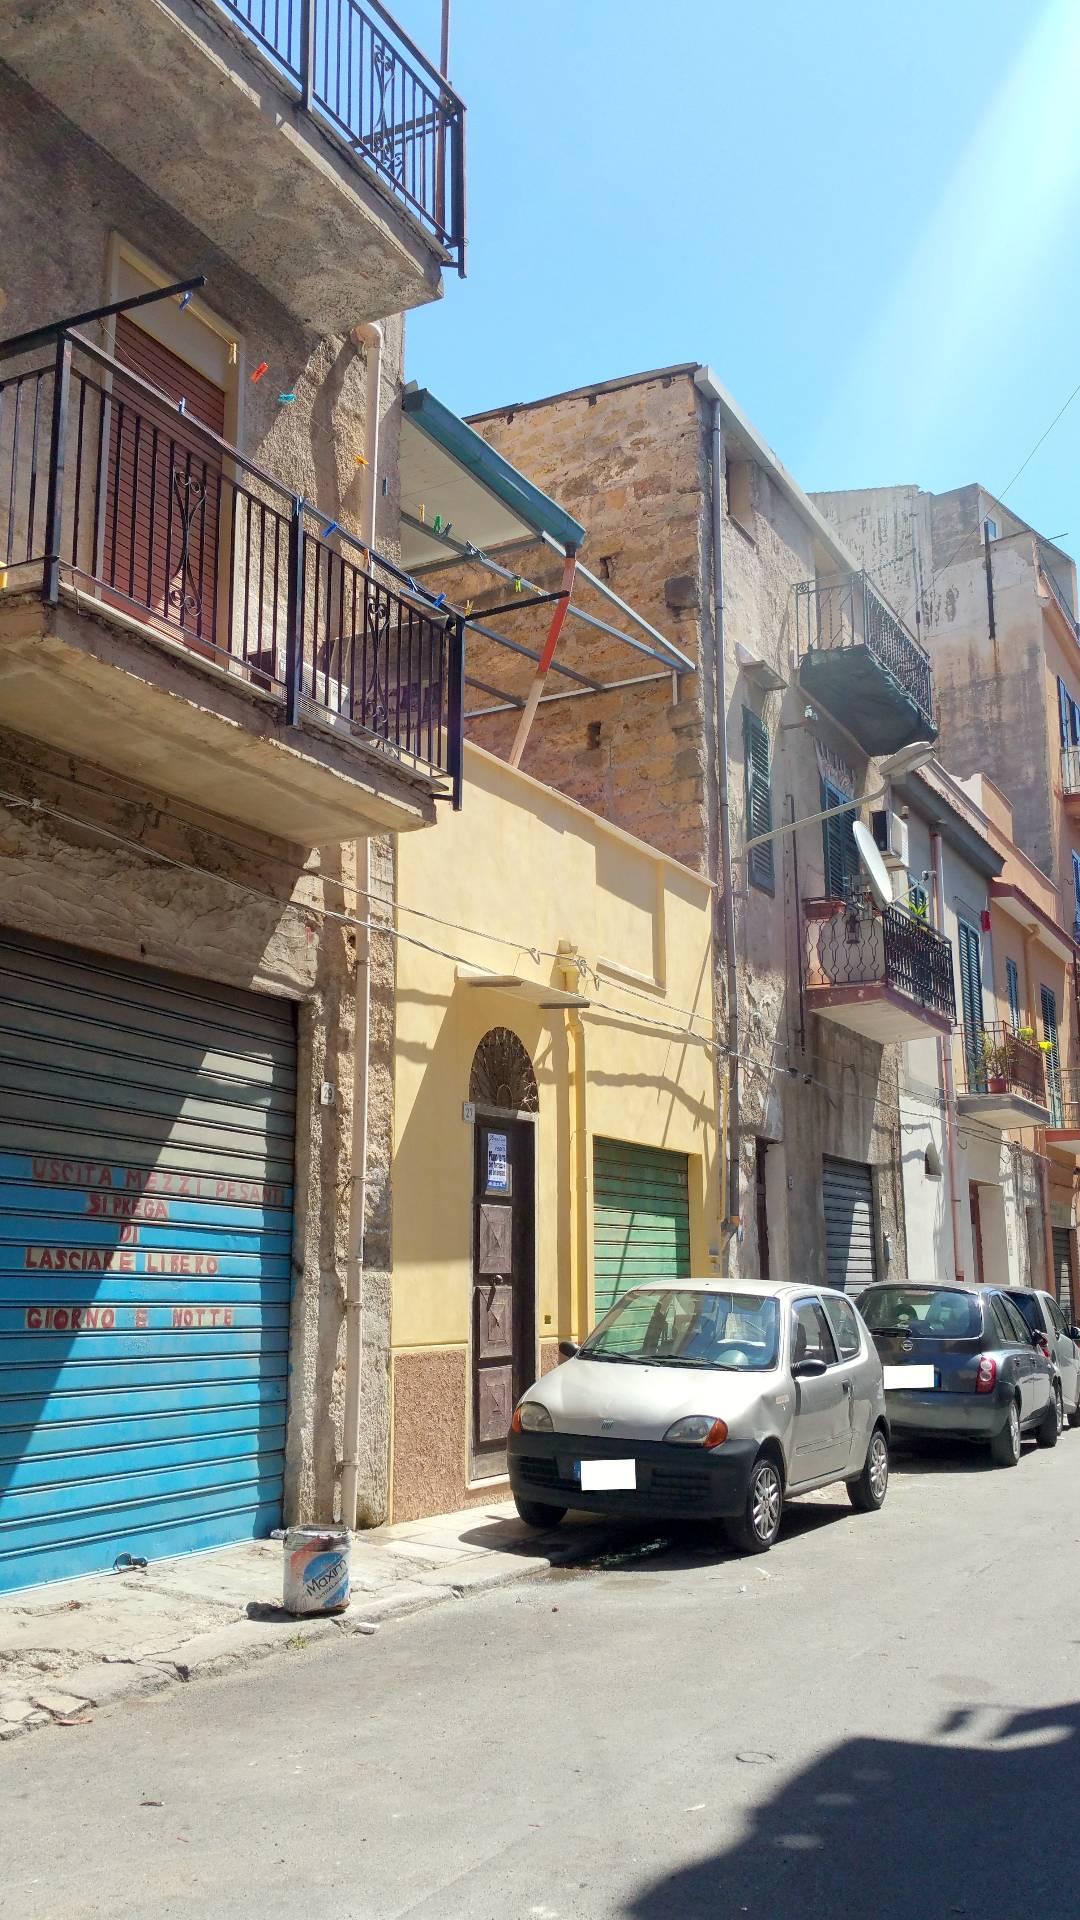 Bilocale Palermo Via Antonio Cassarino 1